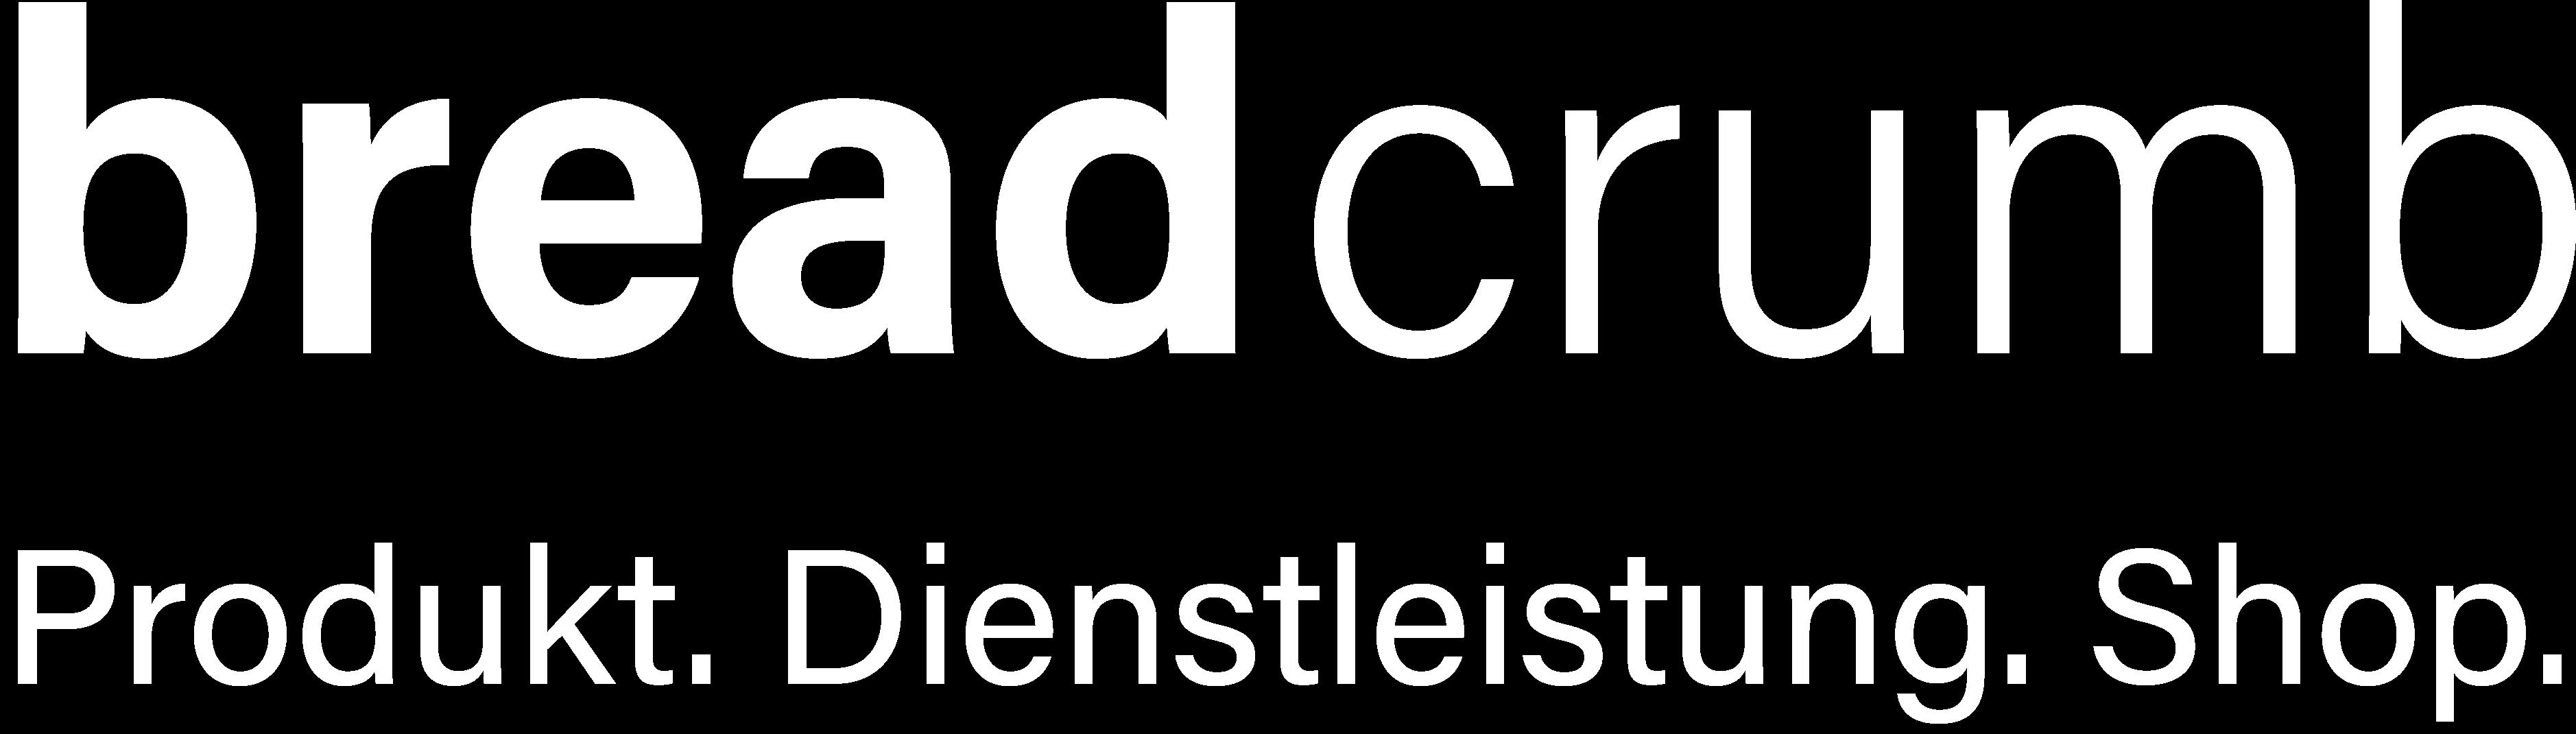 breadcrumb Shop-Logo